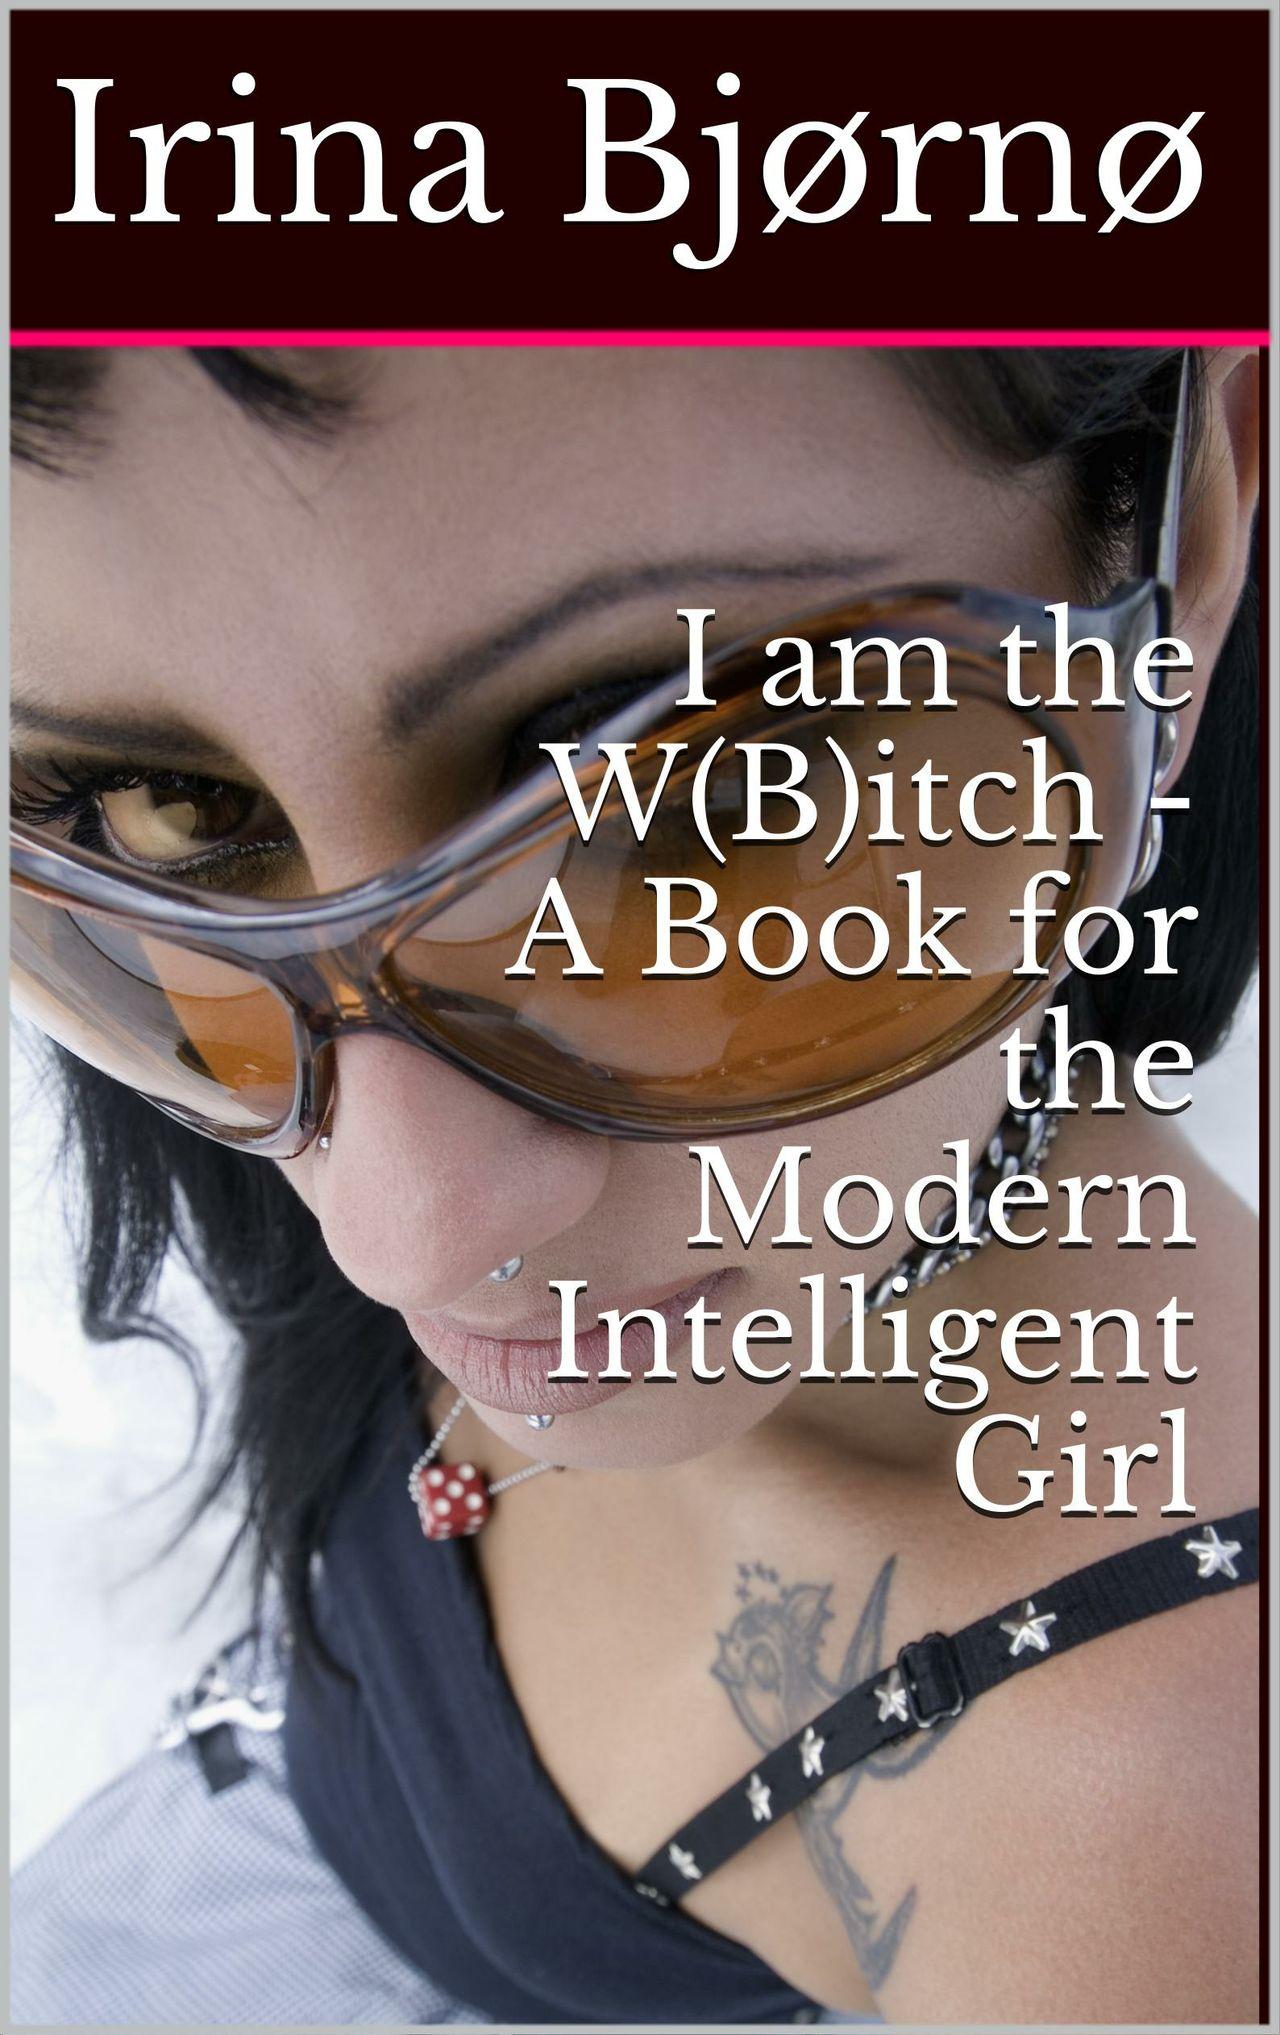 I am the W/Bitch